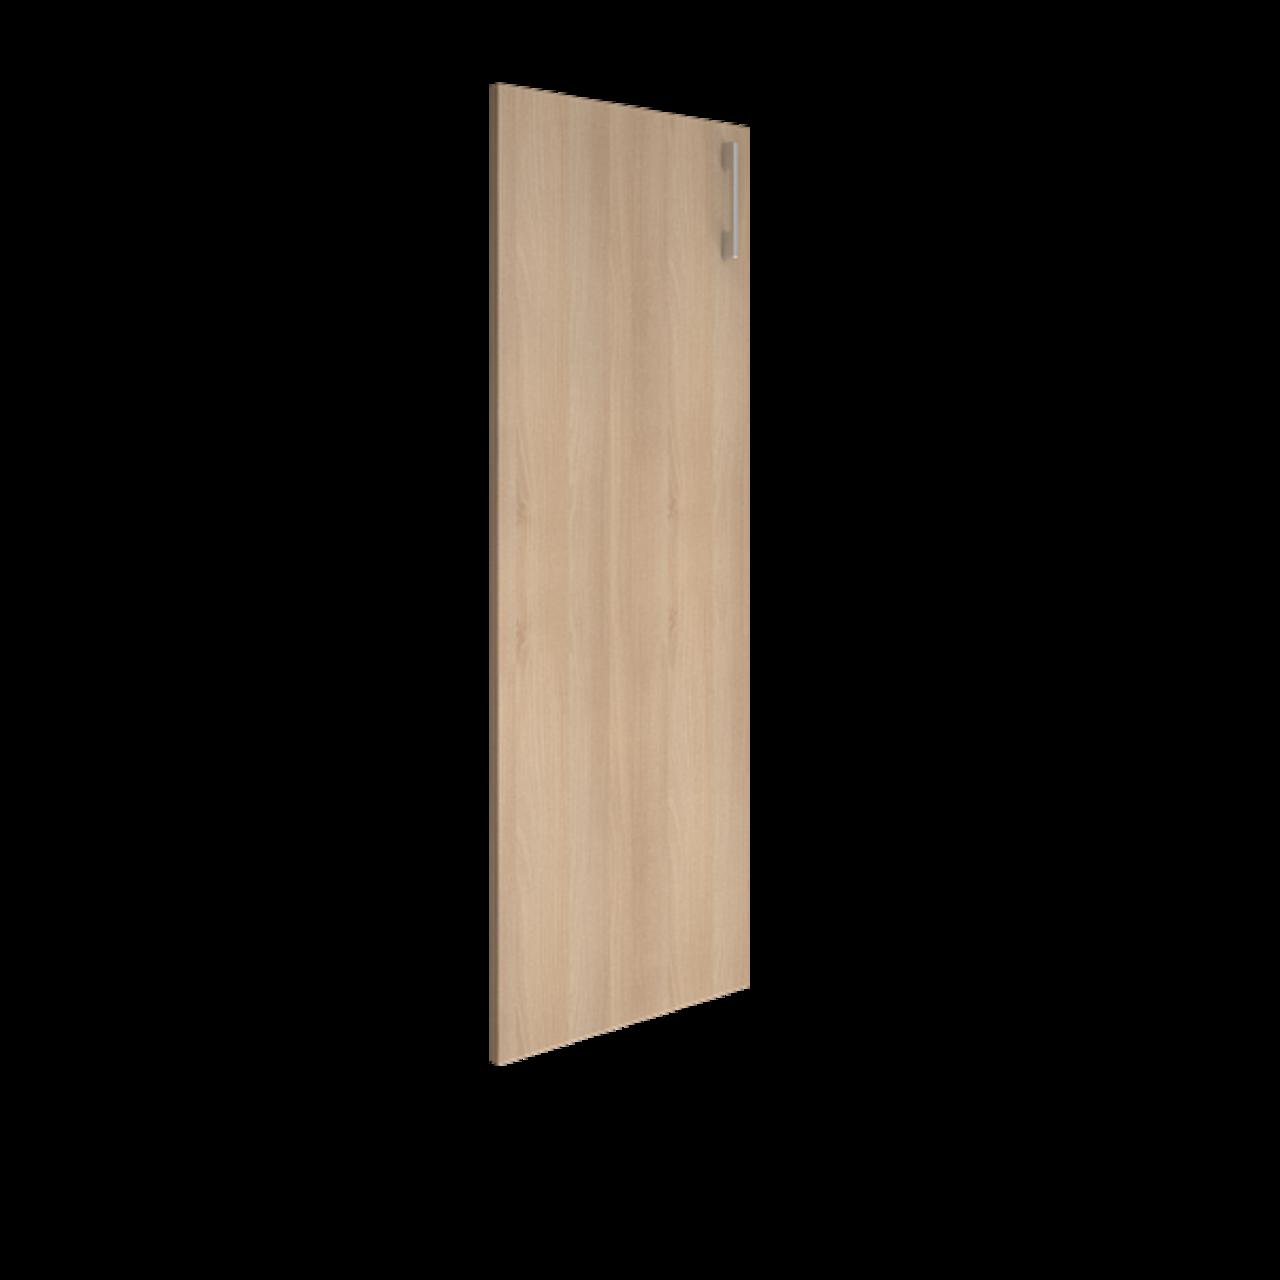 Дверь дсп средняя левая - фото 5